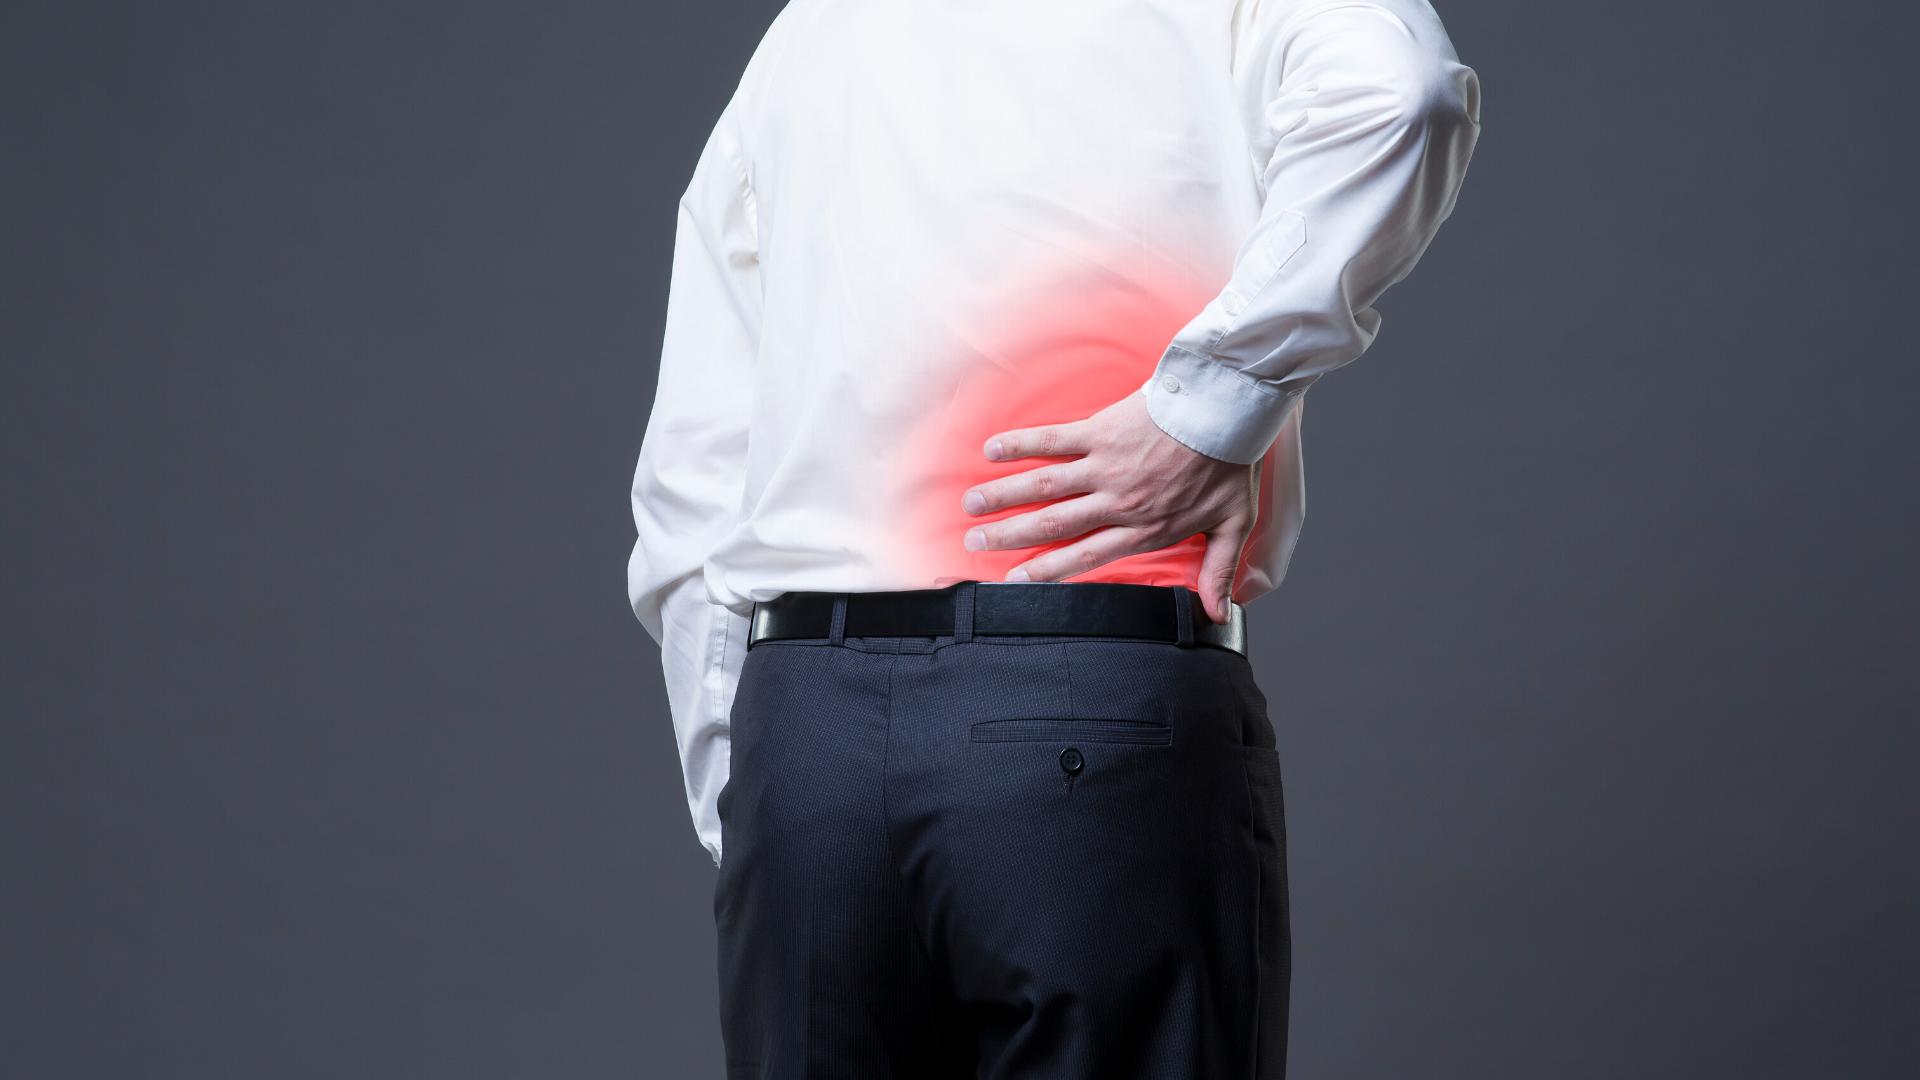 Dolor del nervio ciático